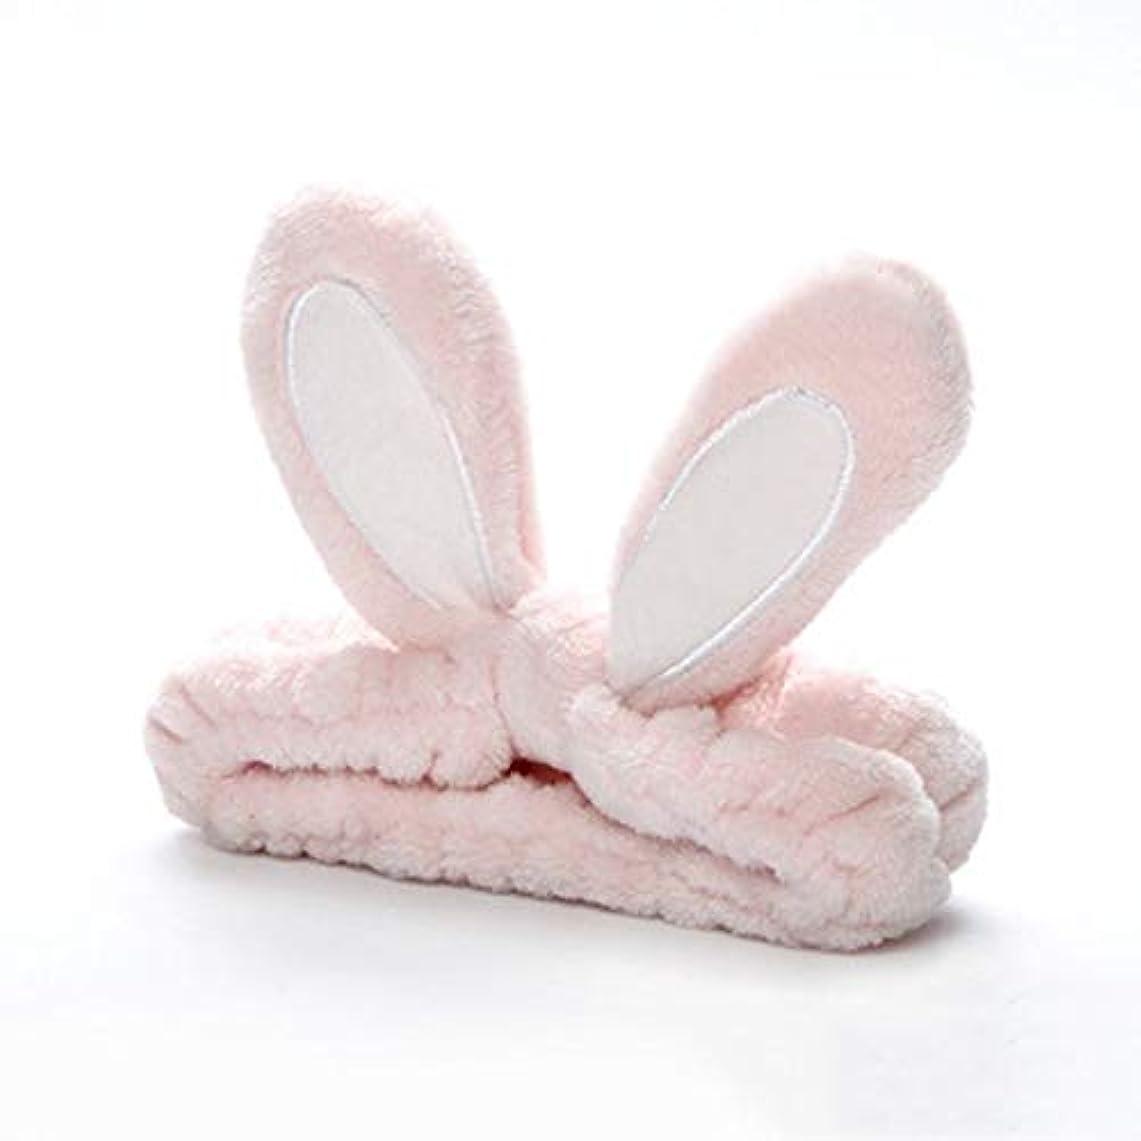 イースターベルベットウェーハかわいいうさぎ耳帽子洗浄顔とメイクアップ新しくファッションヘッドバンド - ライトピンク